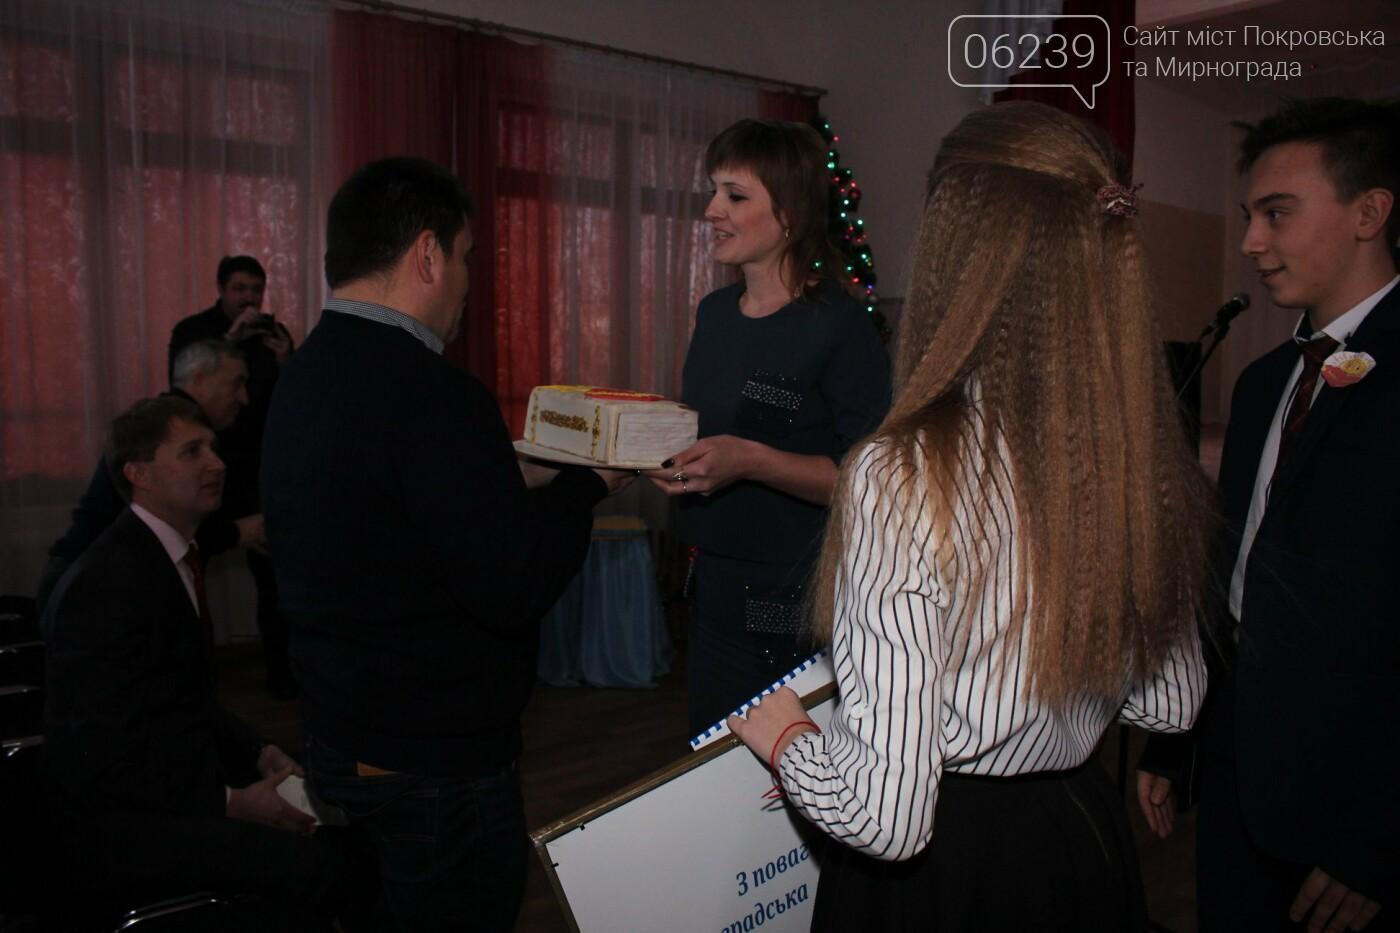 Министр иностранных дел Украины Павел Климкин посетил Мирноград , фото-4